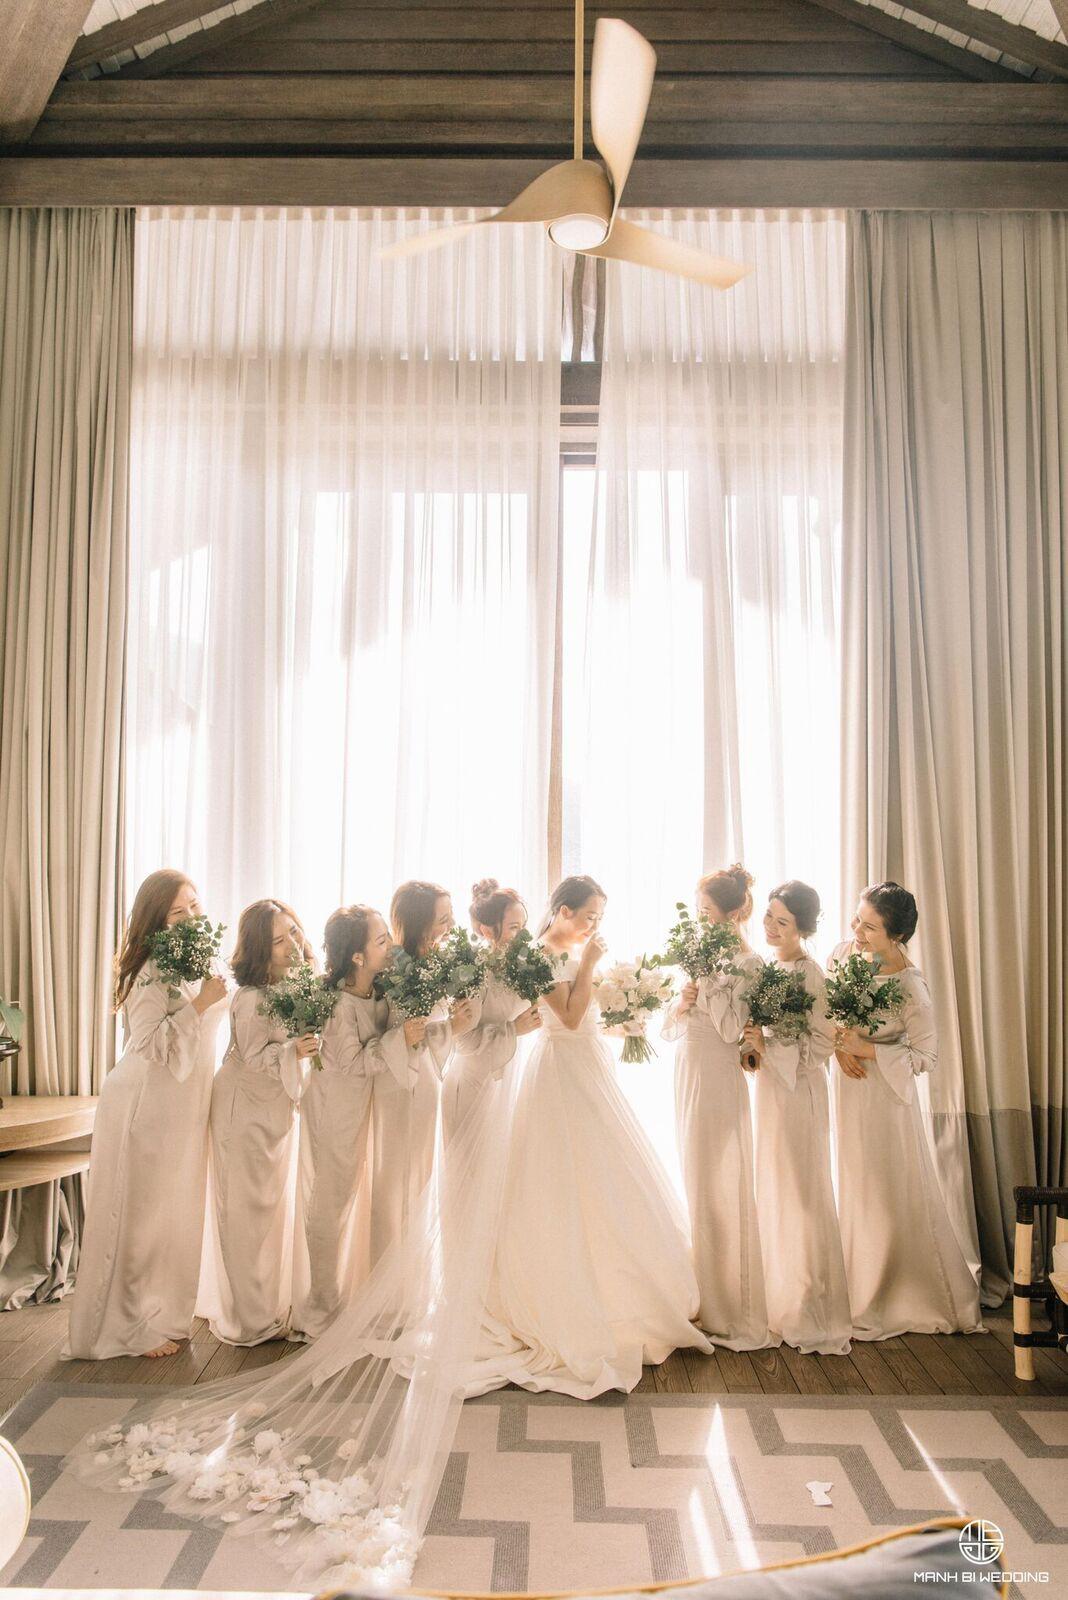 Nhà văn Gào chia sẻ nhiều thông tin thú vị về đám cưới như mơ ngay sau tiệc cưới hoành tráng trên bờ biển - Ảnh 8.